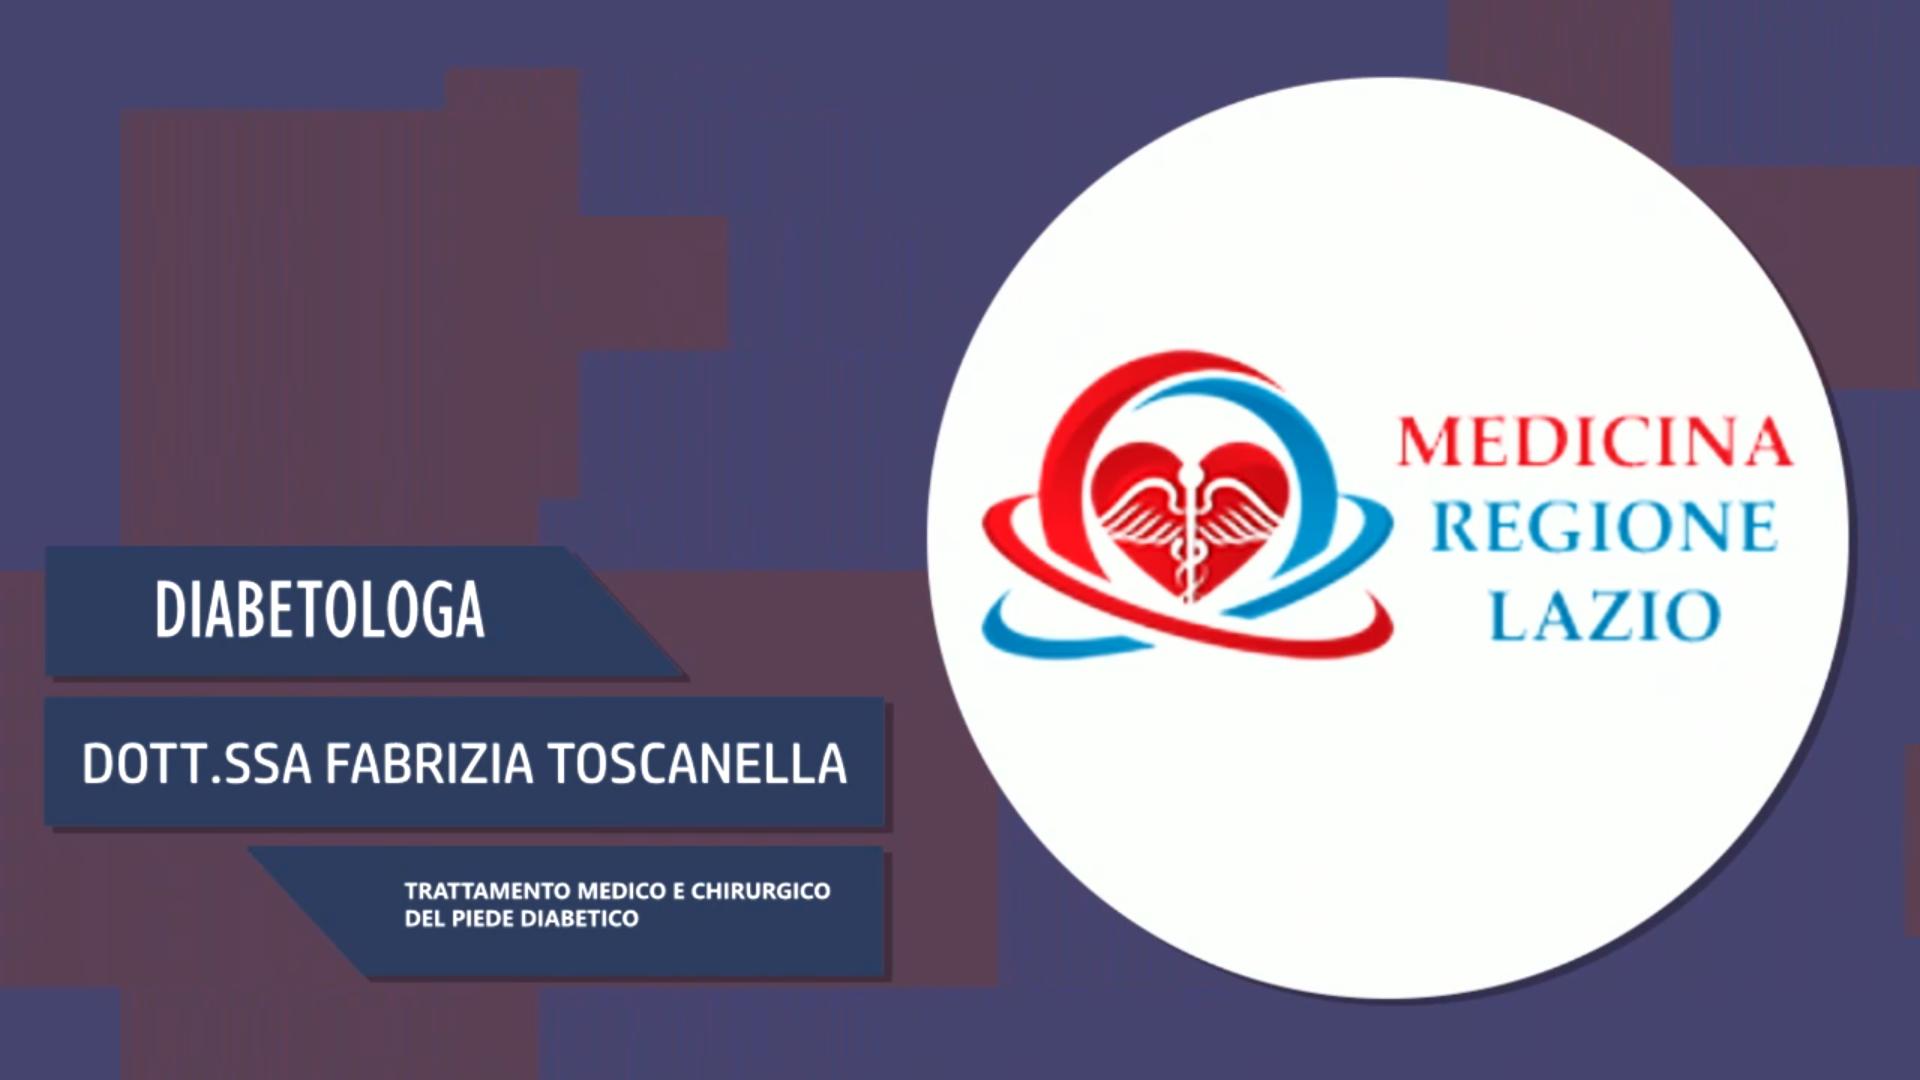 Intervista alla Dott.ssa Fabrizia Toscanella – Trattamento medico e chirurgico del piede diabetico